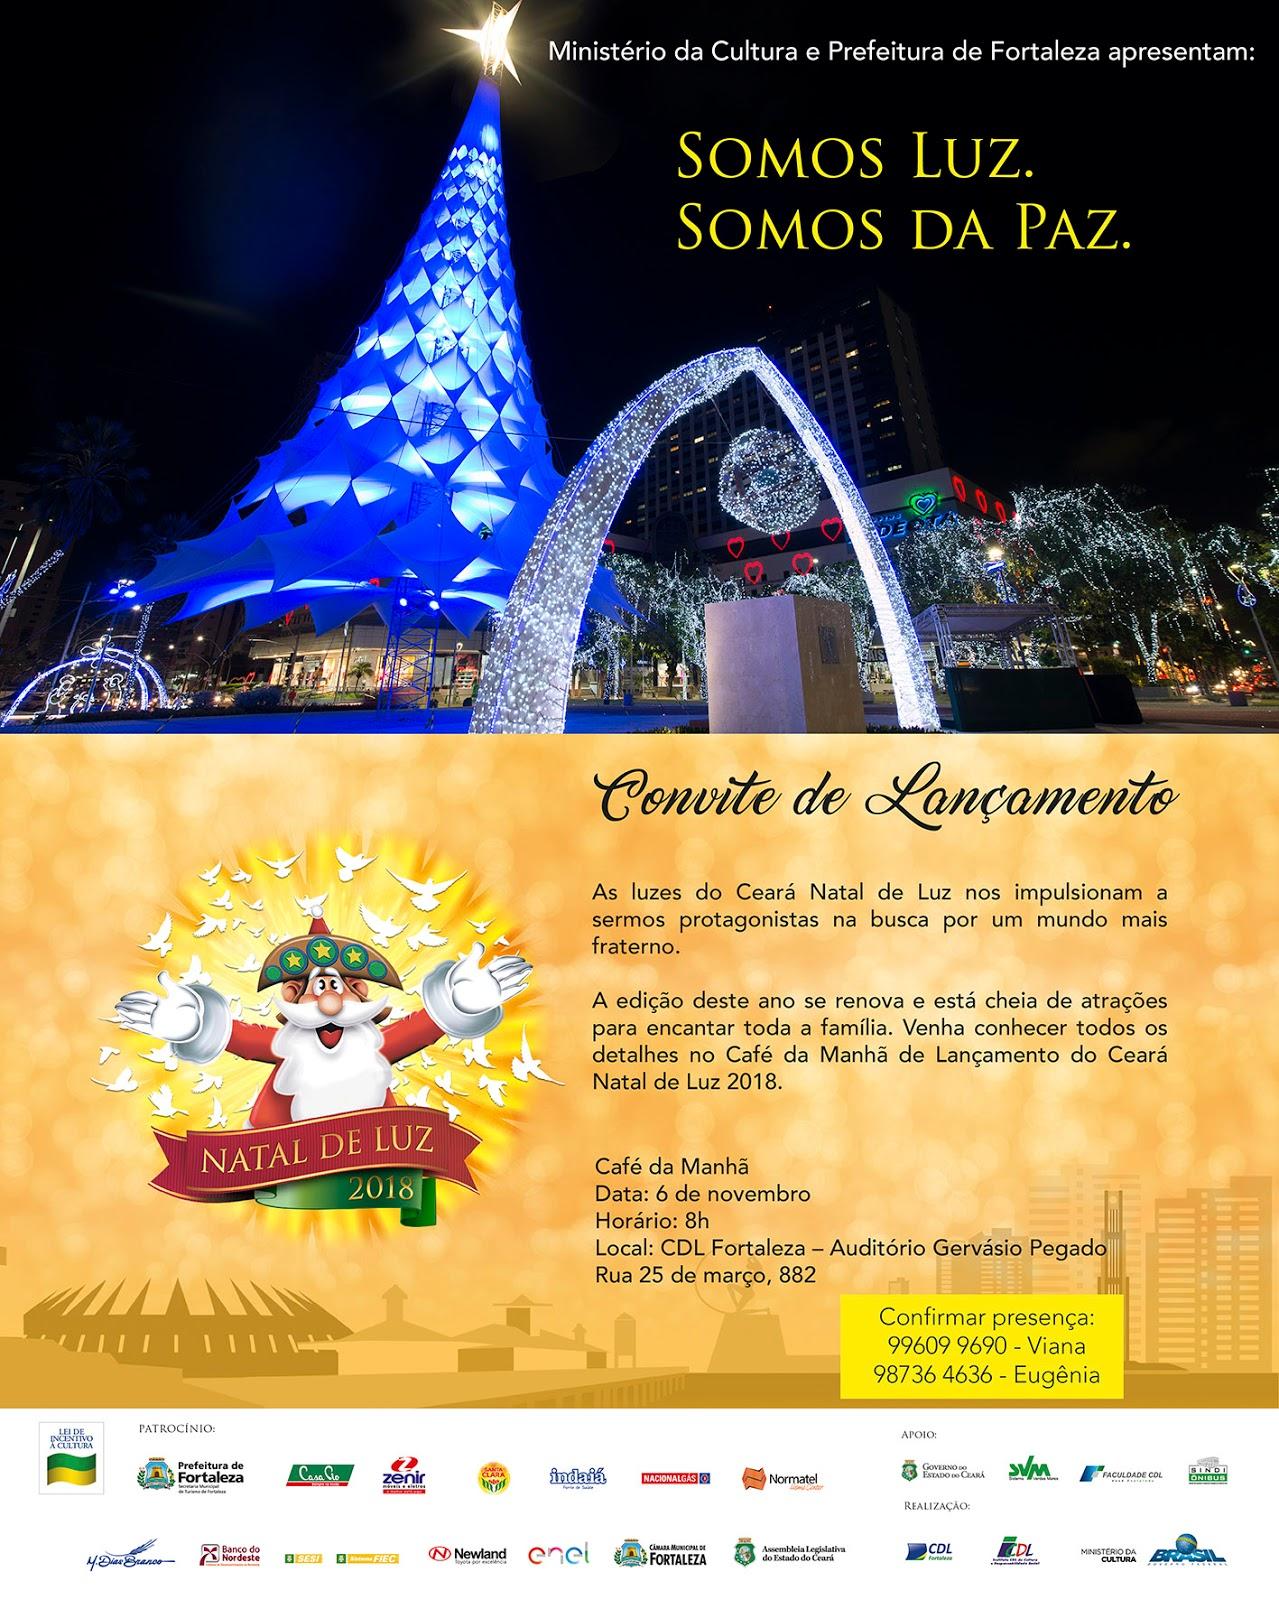 Ceará Natal de Luz 2018 d4e4466965